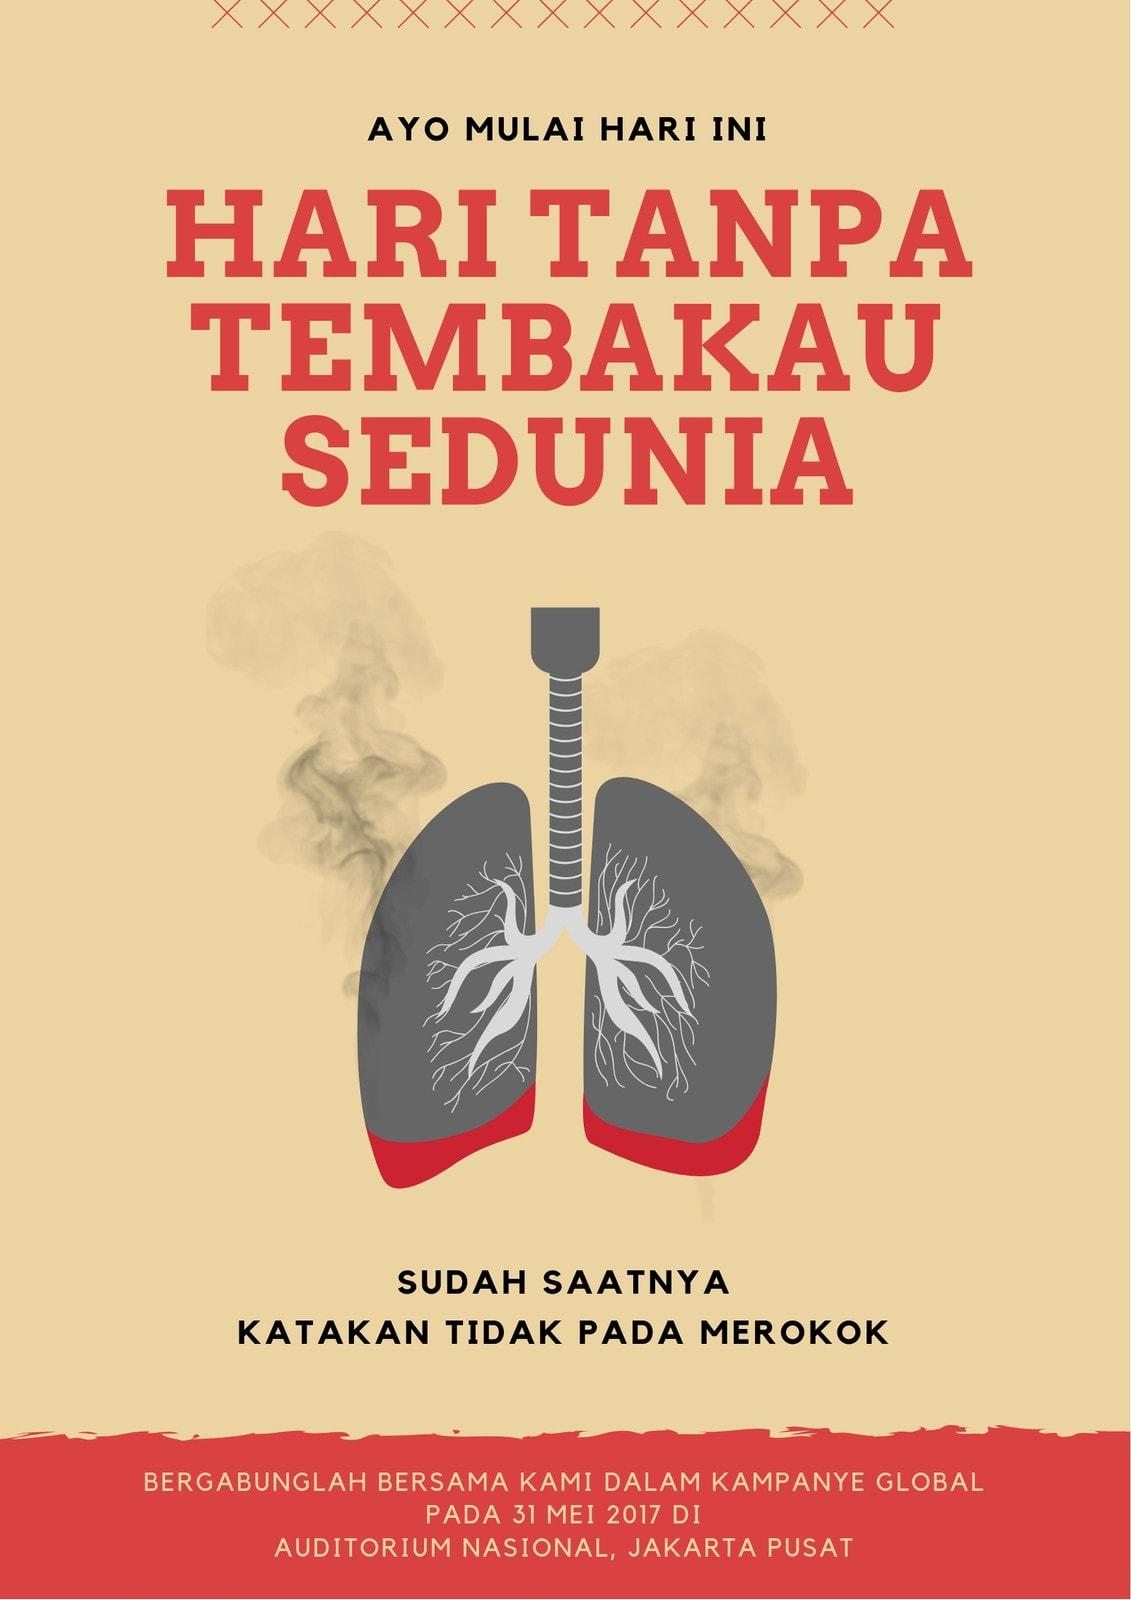 Merah dan Kuning Hari Tanpa Tembakau Sedunia Poster